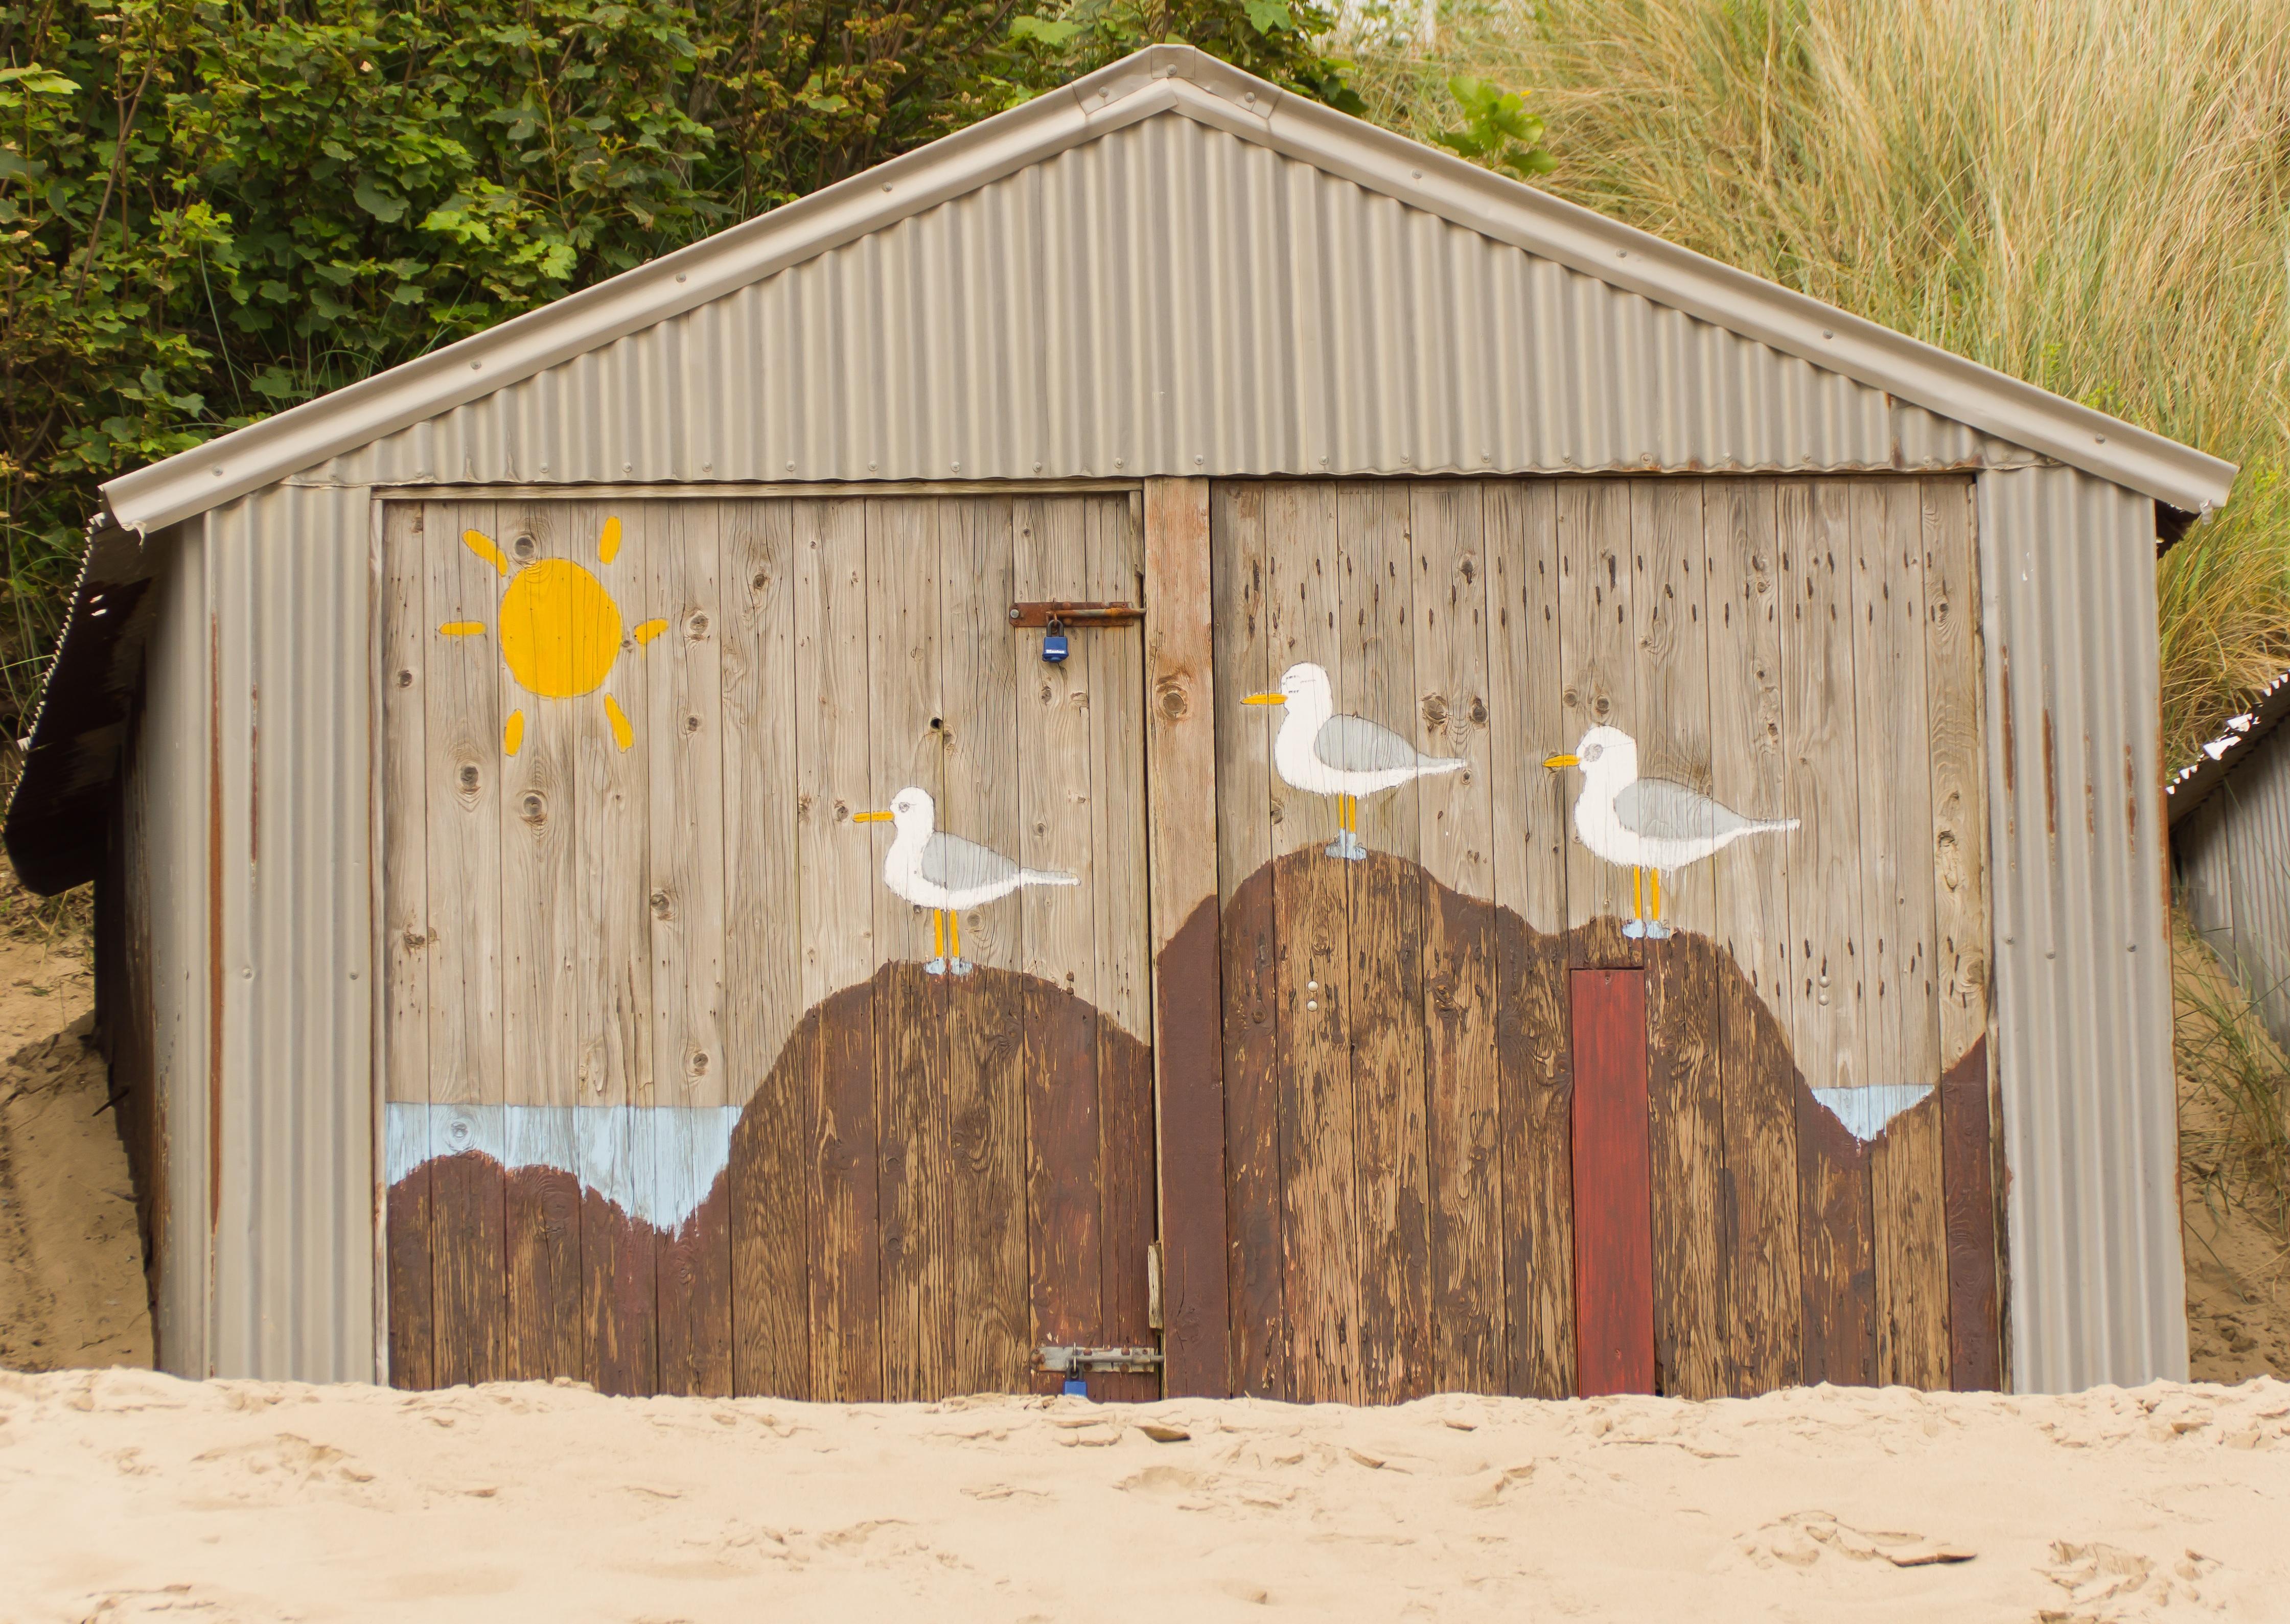 beach-coast-sand-wood-building-barn-675613-pxhere.com.jpg